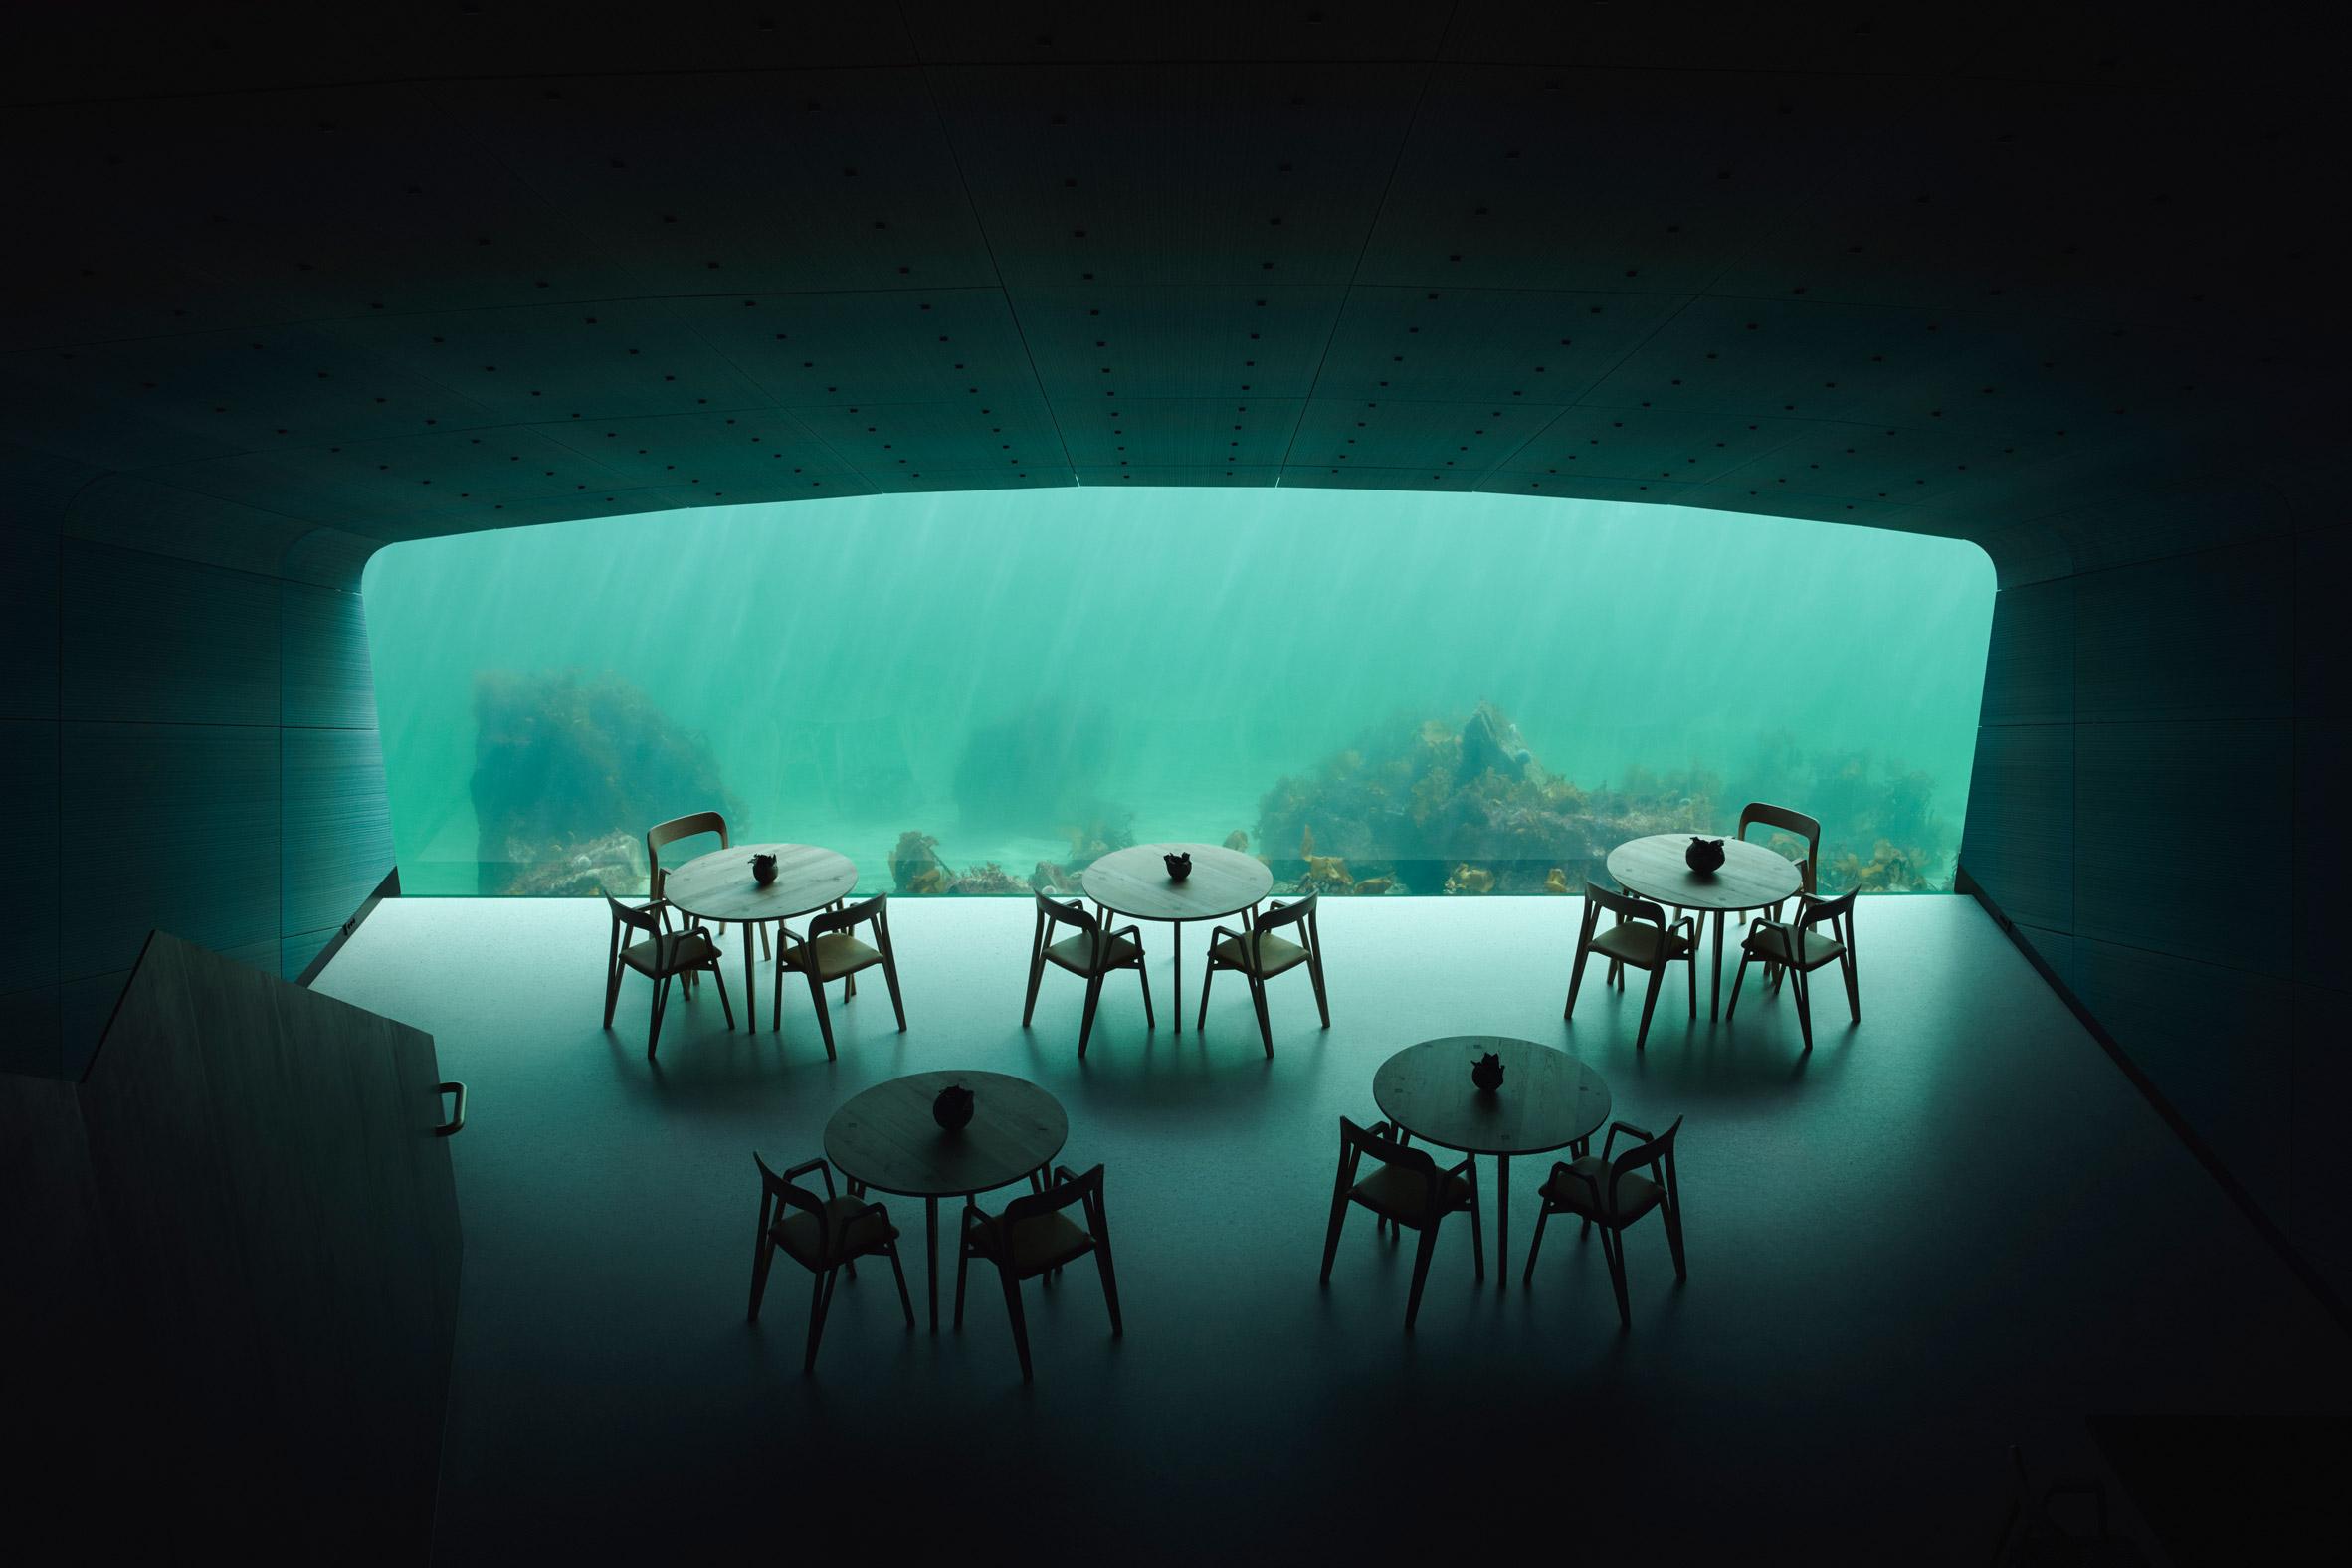 Under - новый подводный ресторан в Норвегии, открывающий взгляд на чудеса под водой